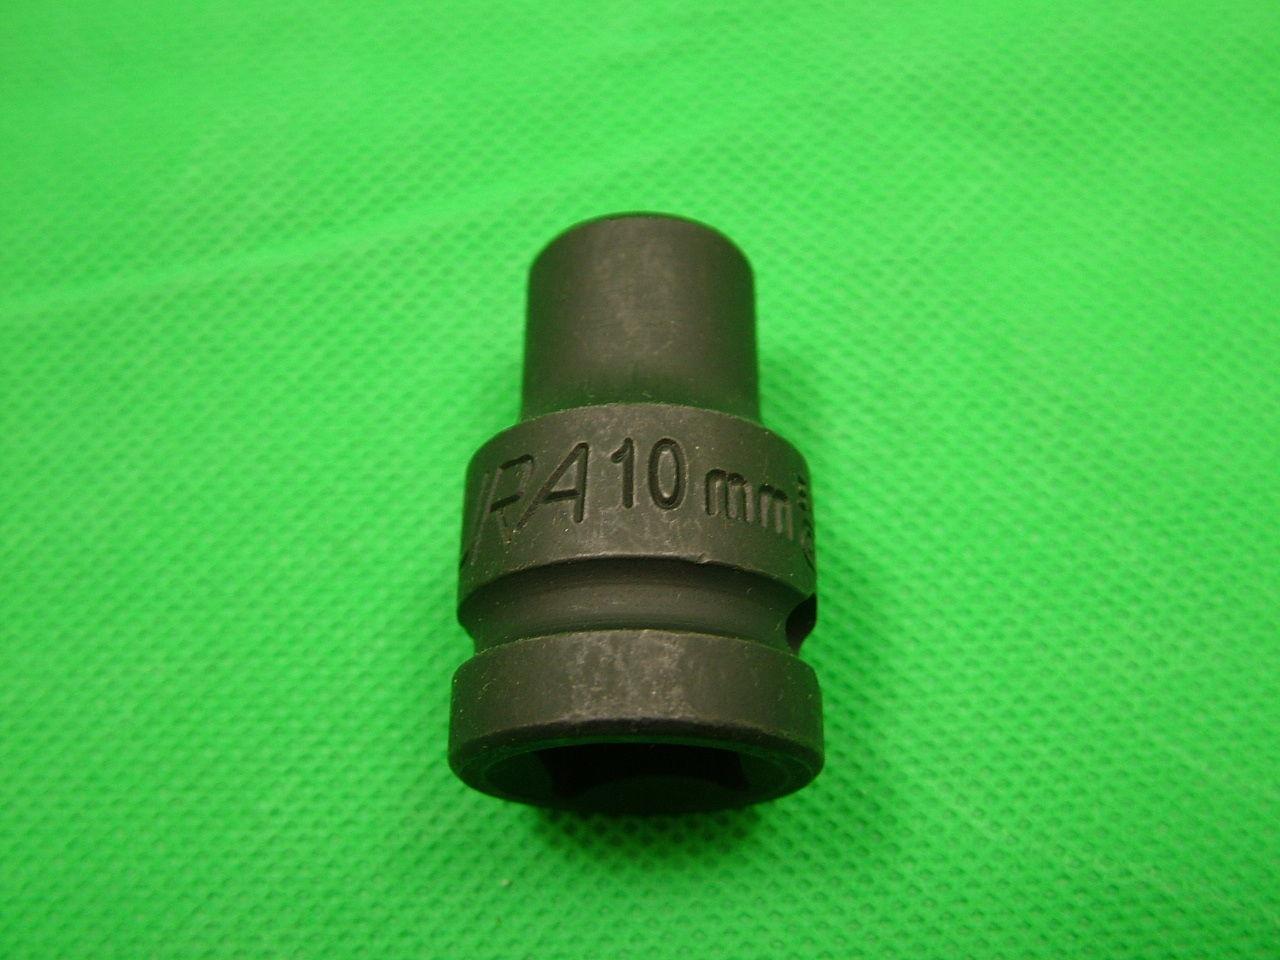 Denso Spark Plug Sparking Part Peg Replacement Replace Citroen 2 Cv 63-90 6 4